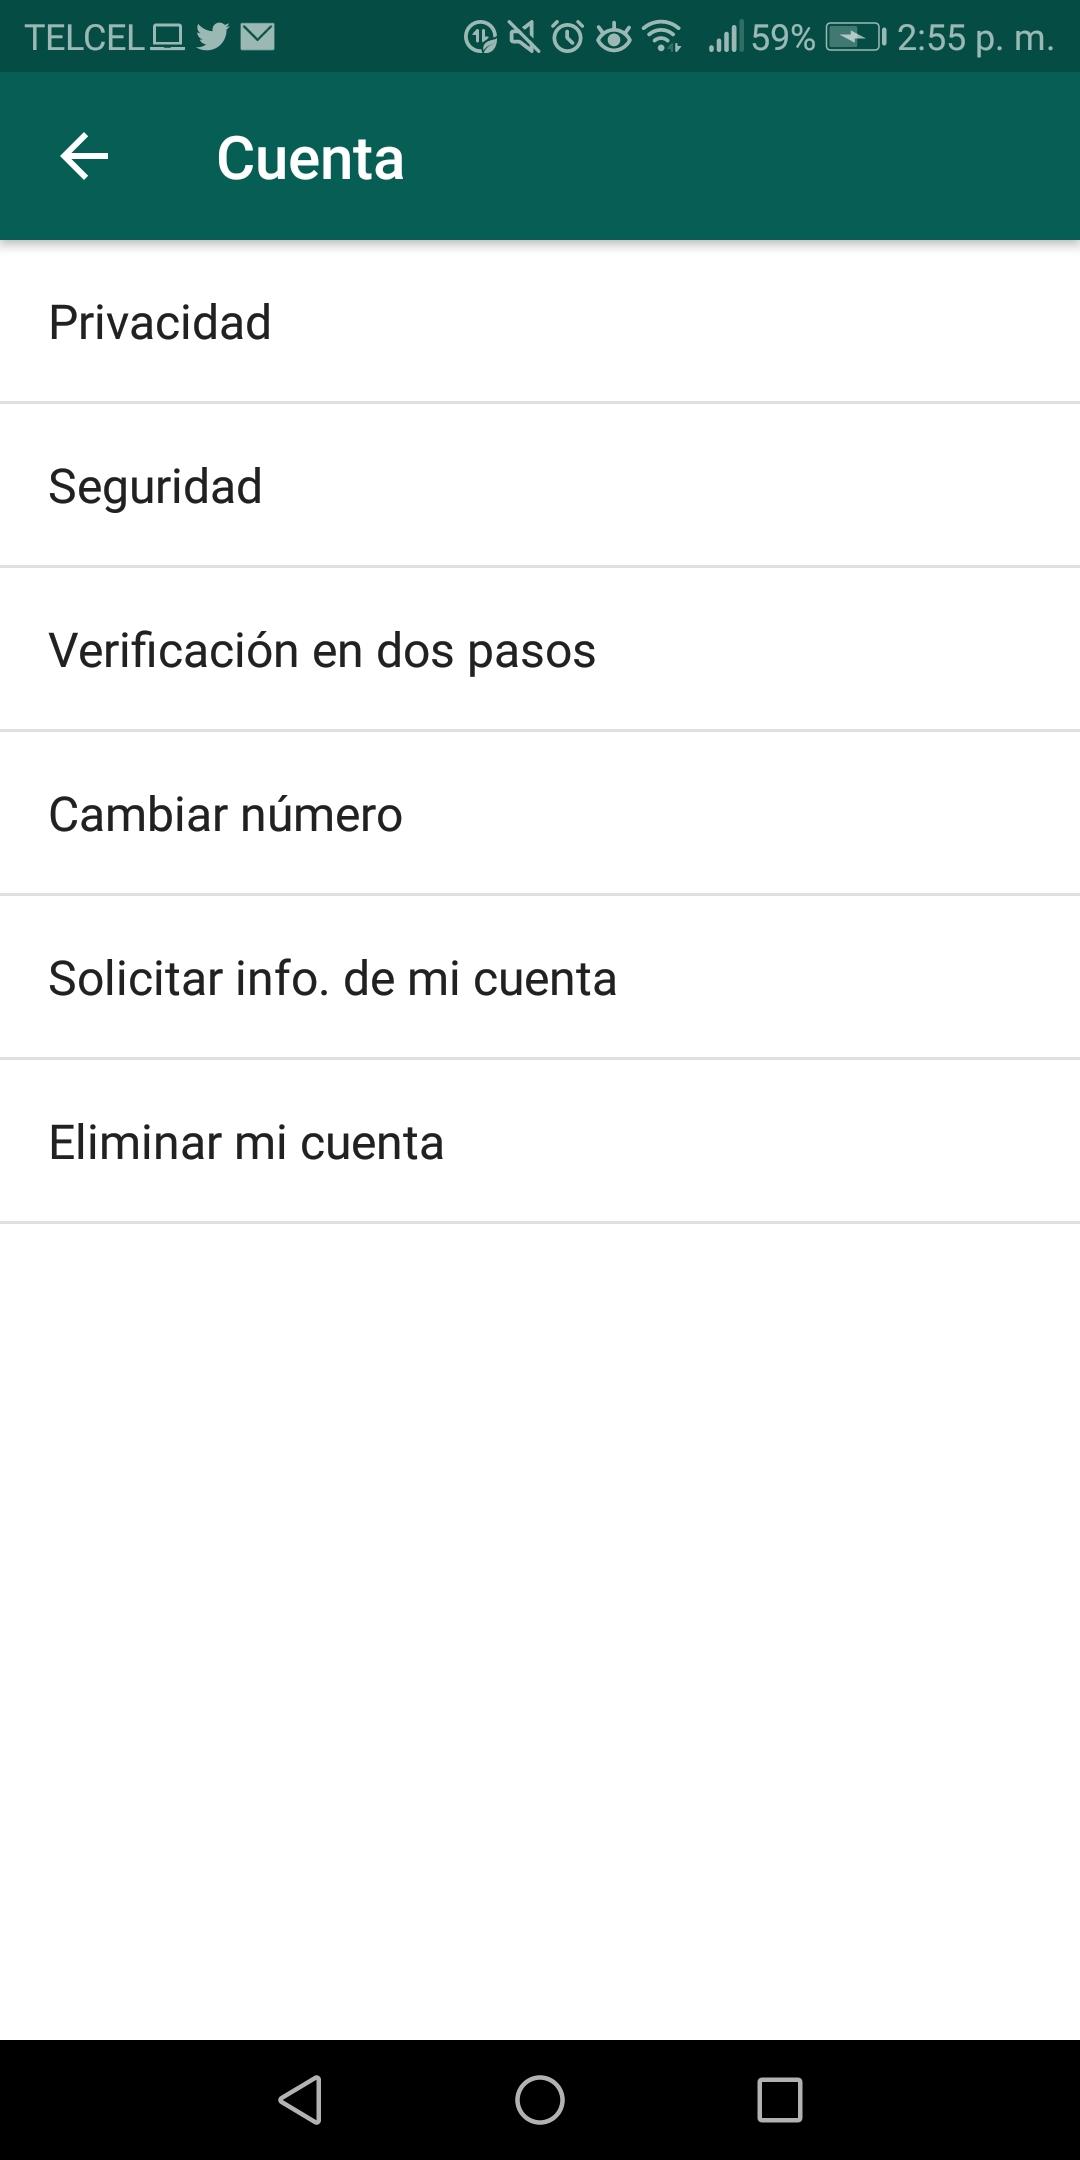 Para cambiar tu número debes ingresar al menú de la app, después ajustes y cuenta, donde verás cambiar número (Captura de pantalla)